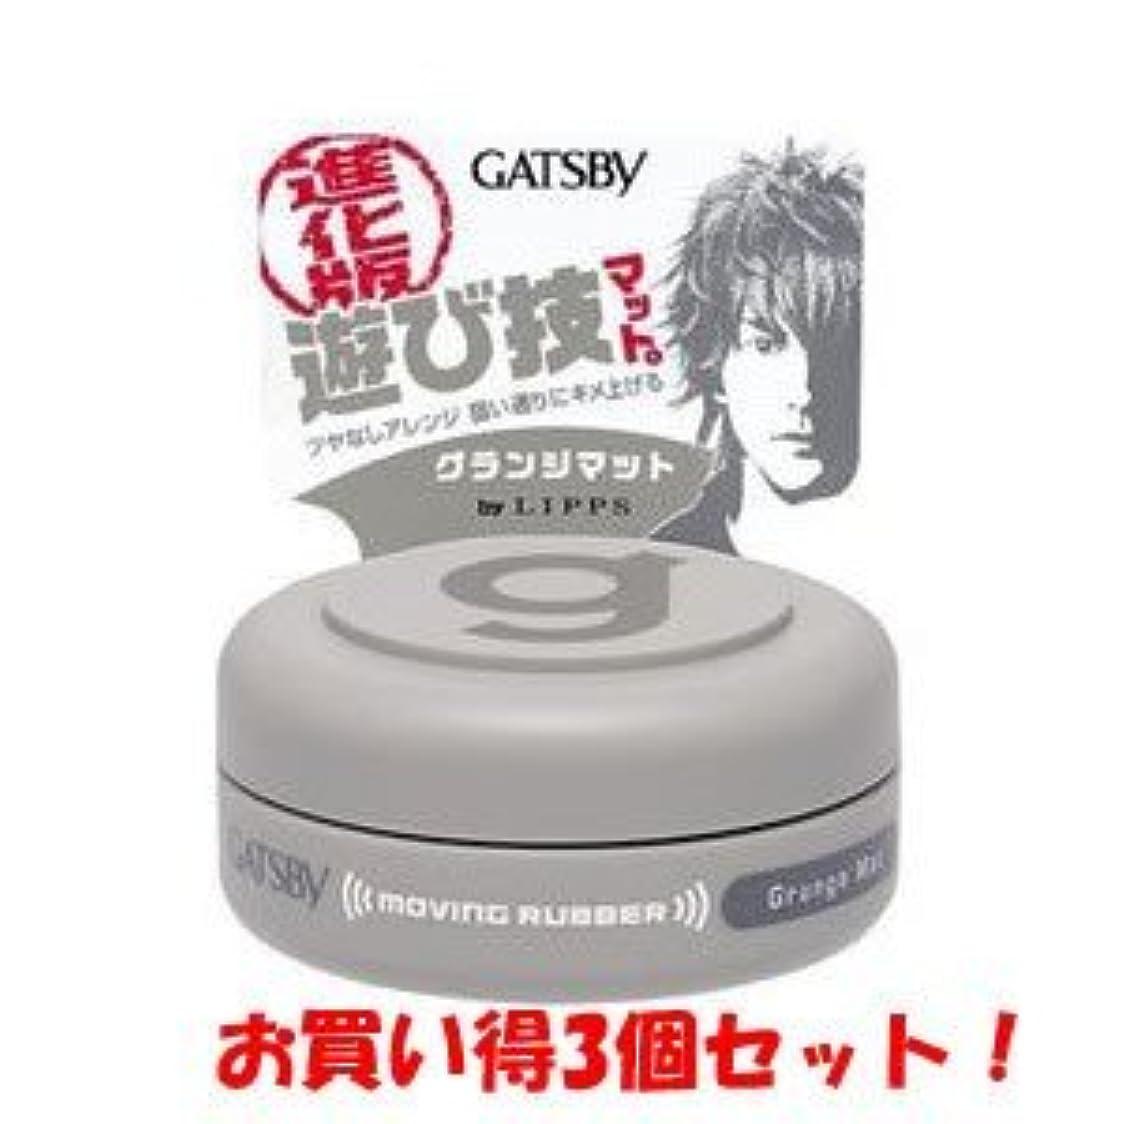 取得するすり文字ギャツビー【GATSBY】ムービングラバー グランジマットモバイル 15g(お買い得3個セット)